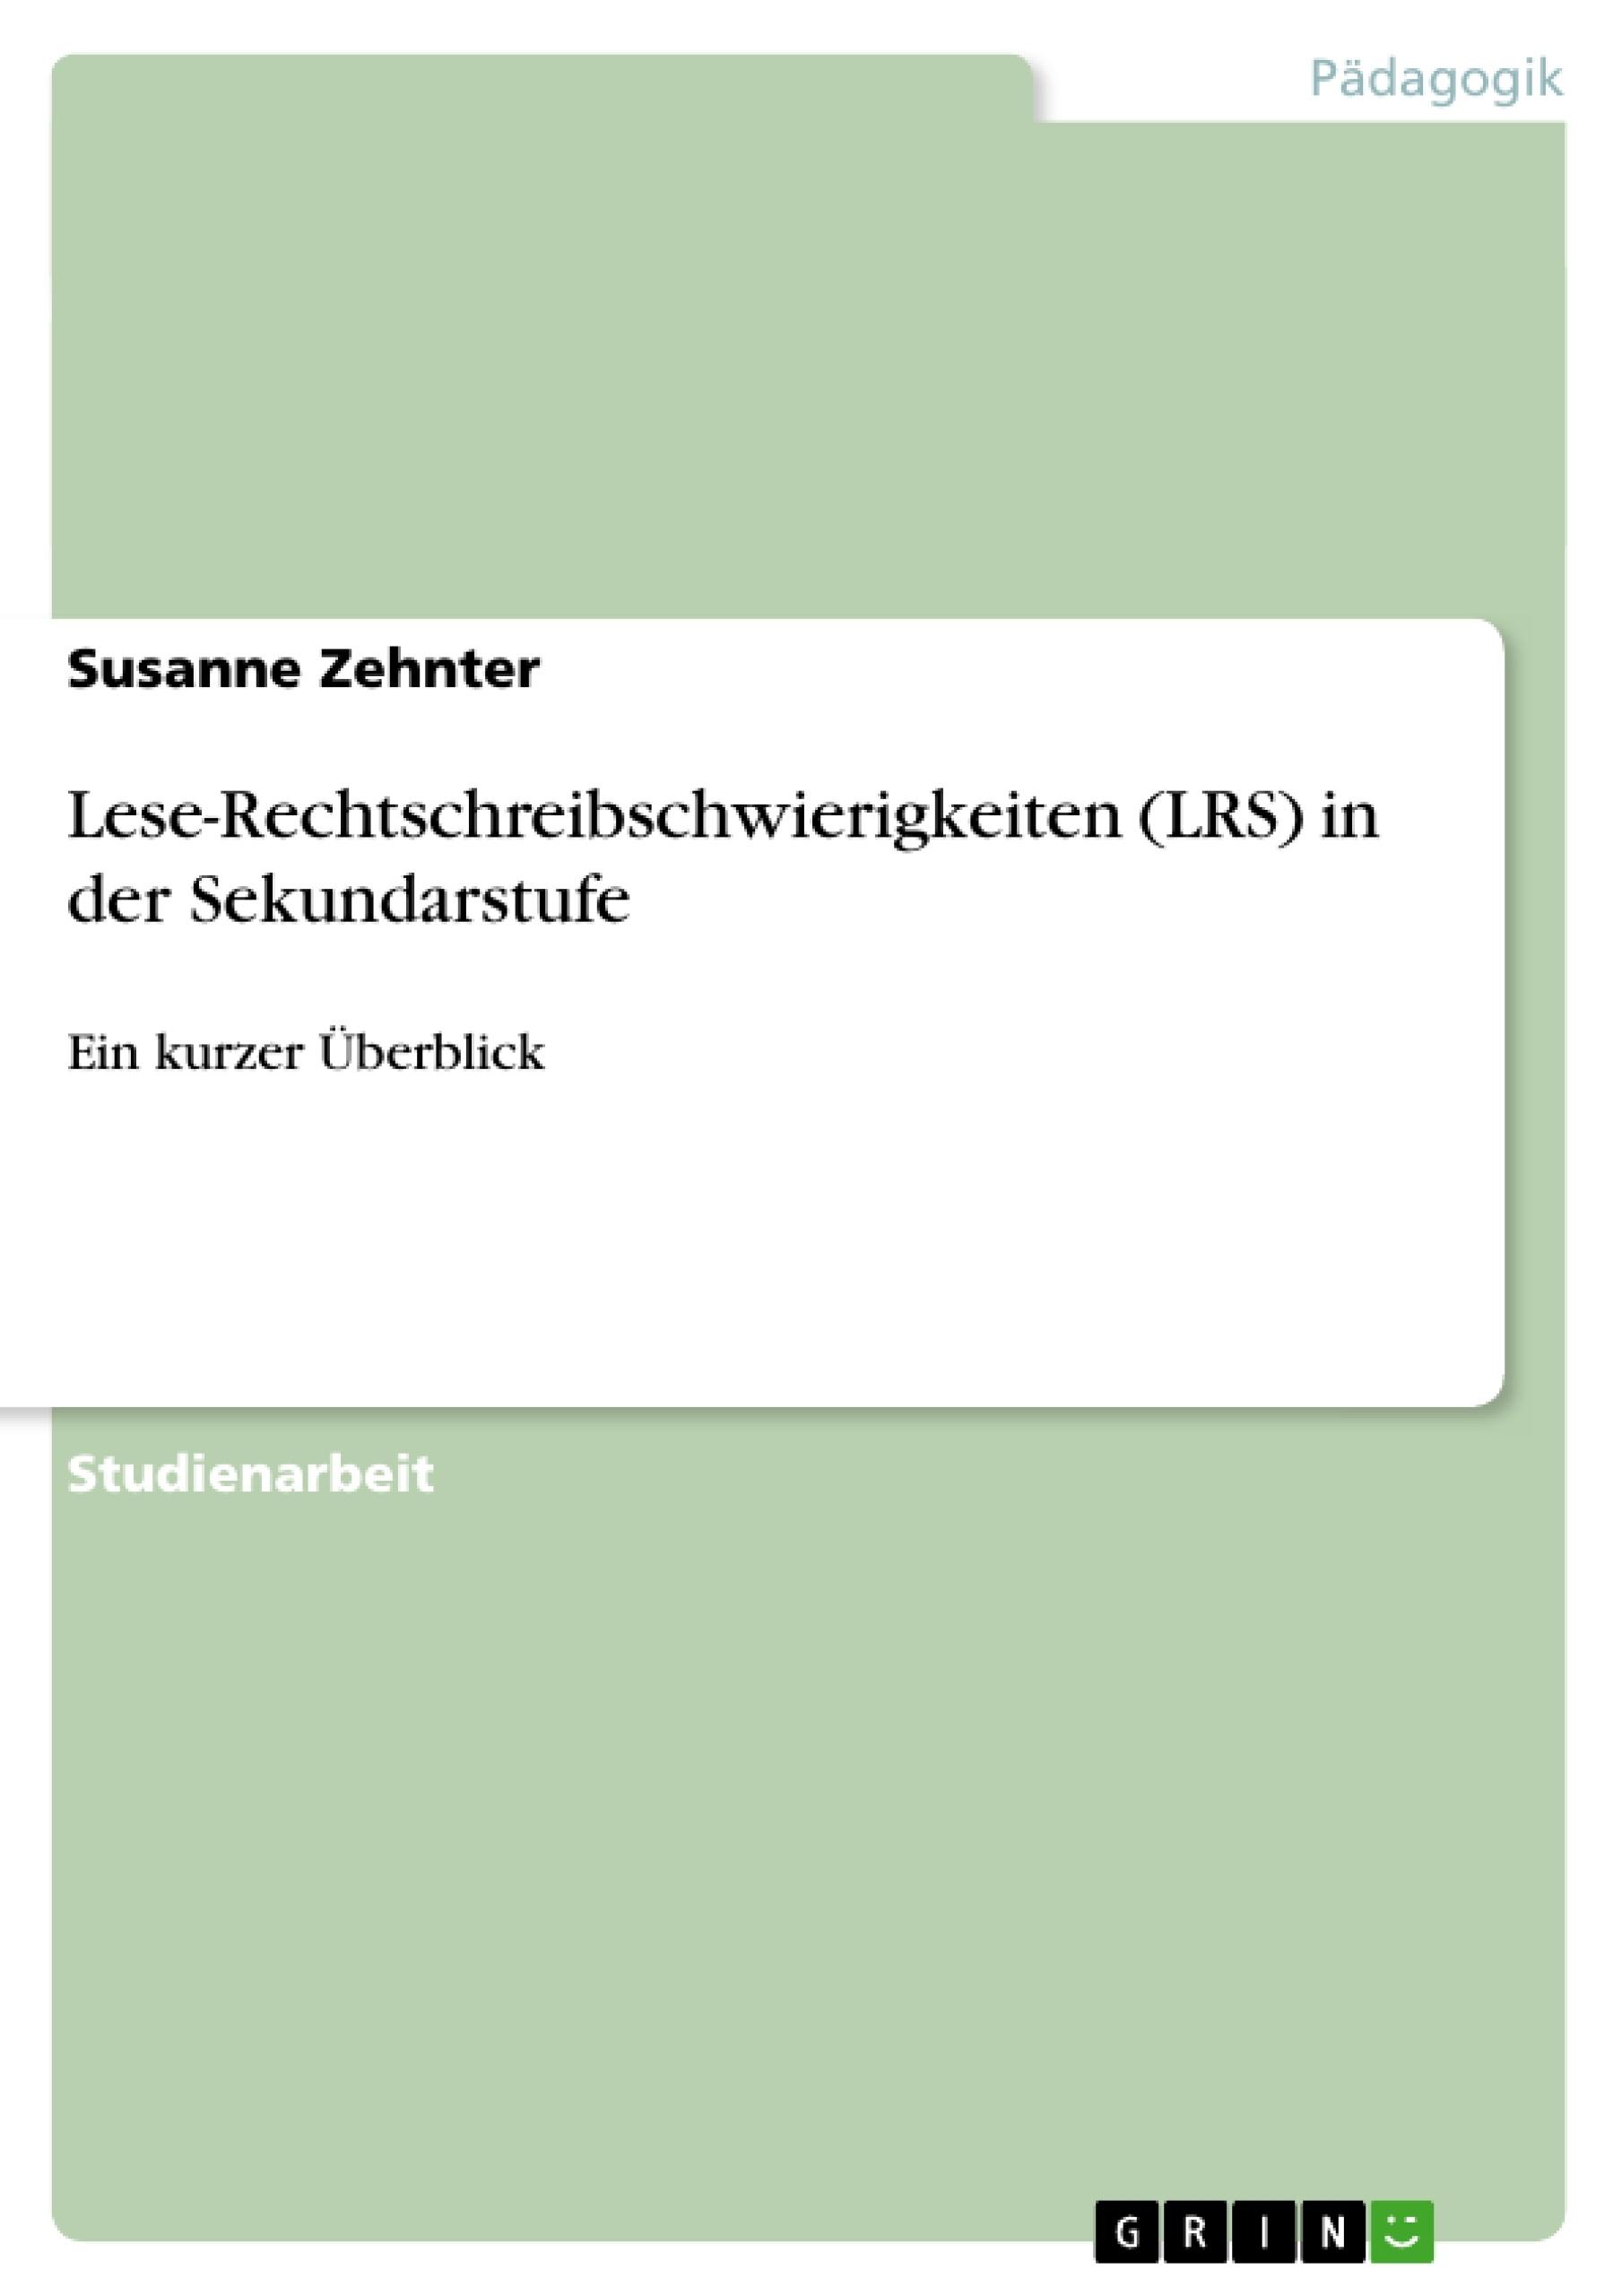 Titel: Lese-Rechtschreibschwierigkeiten (LRS) in der Sekundarstufe